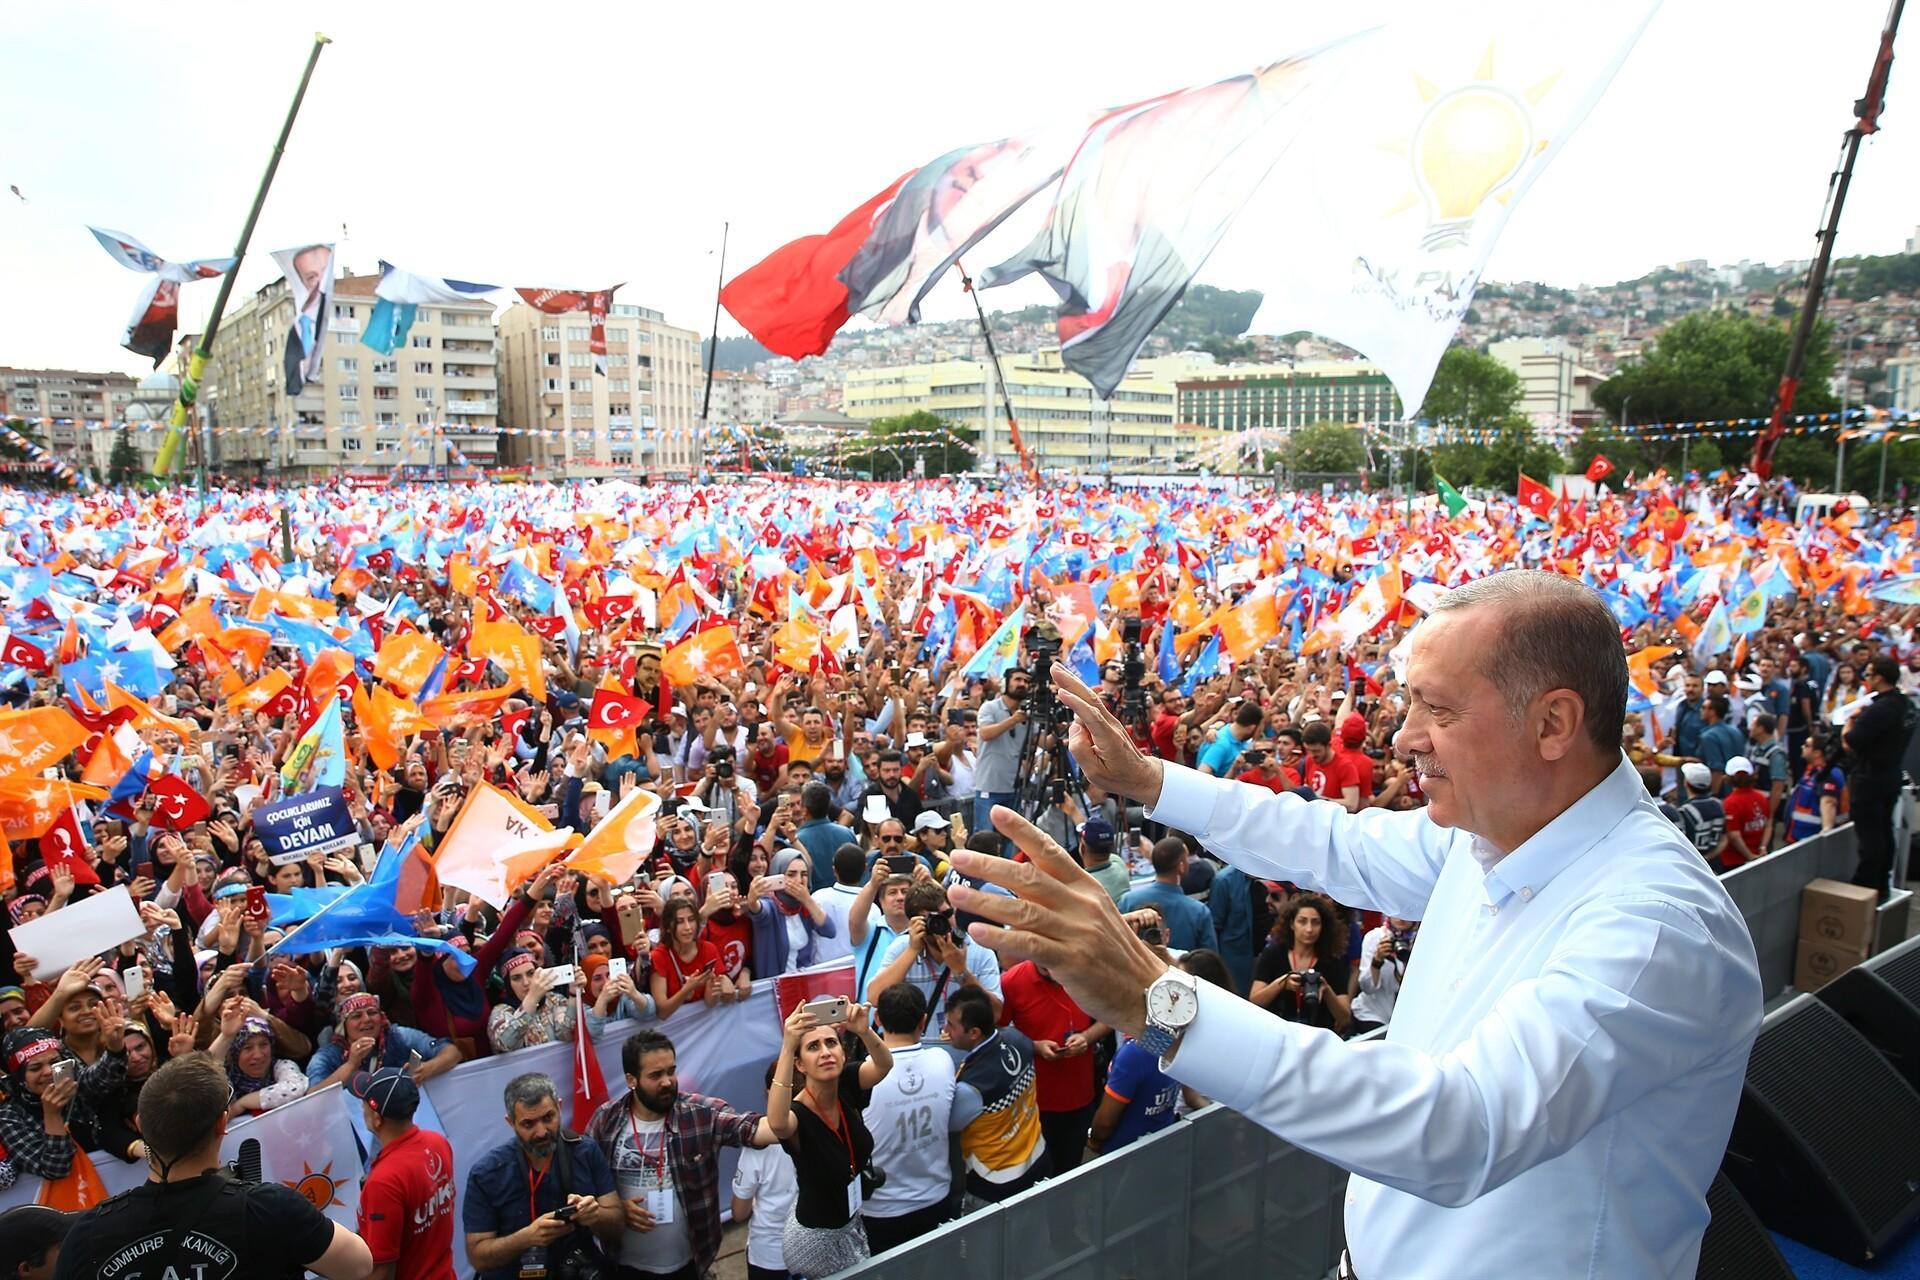 Cumhurbaşkanı Erdoğan 'hazırlığını yapıyoruz' dedi ve duyurdu